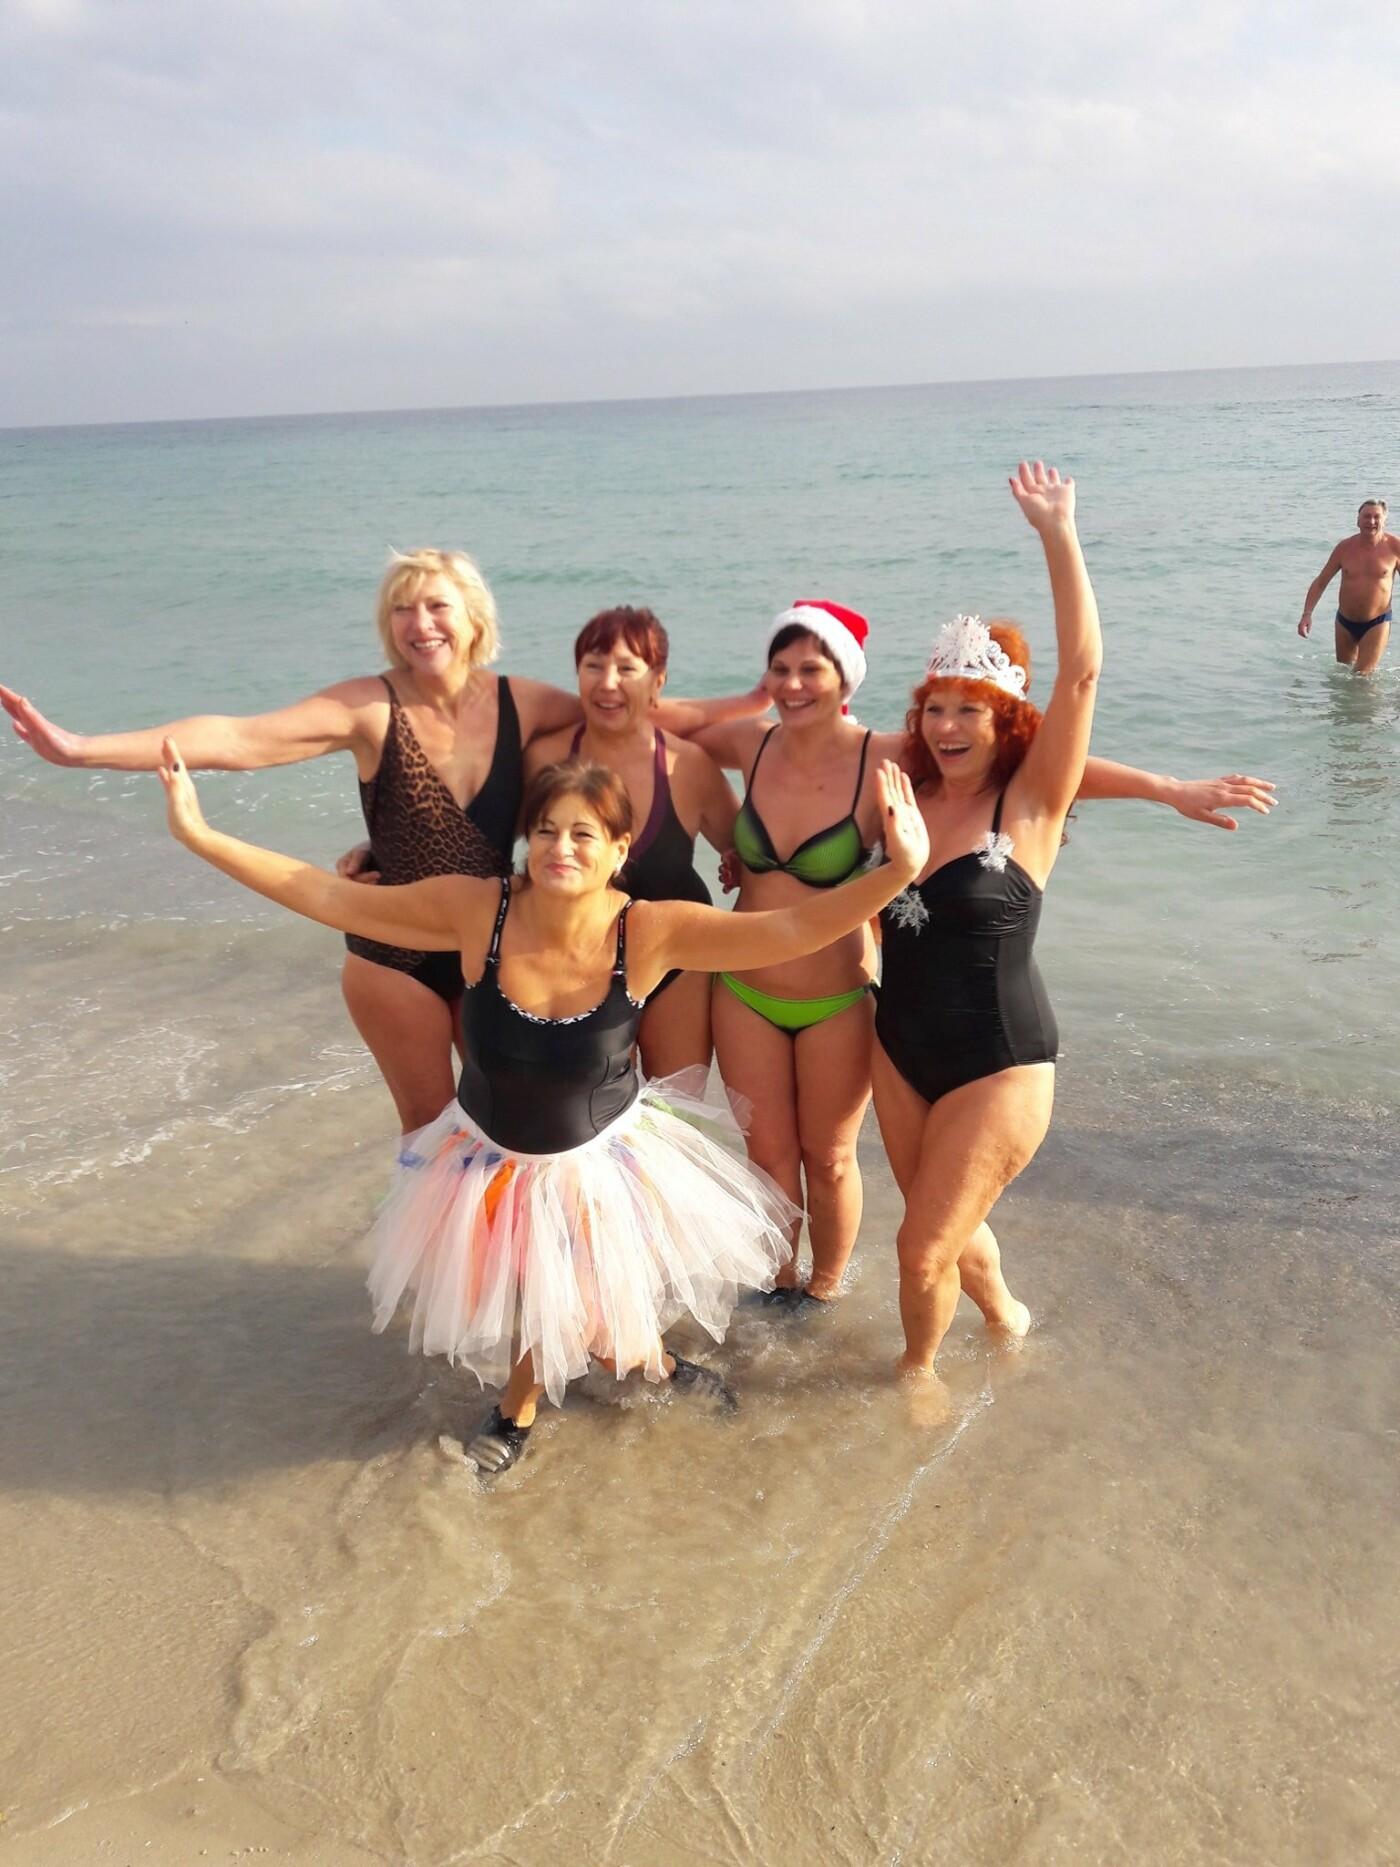 Одесситы отметили Рождество купанием в море, - ФОТО, фото-4